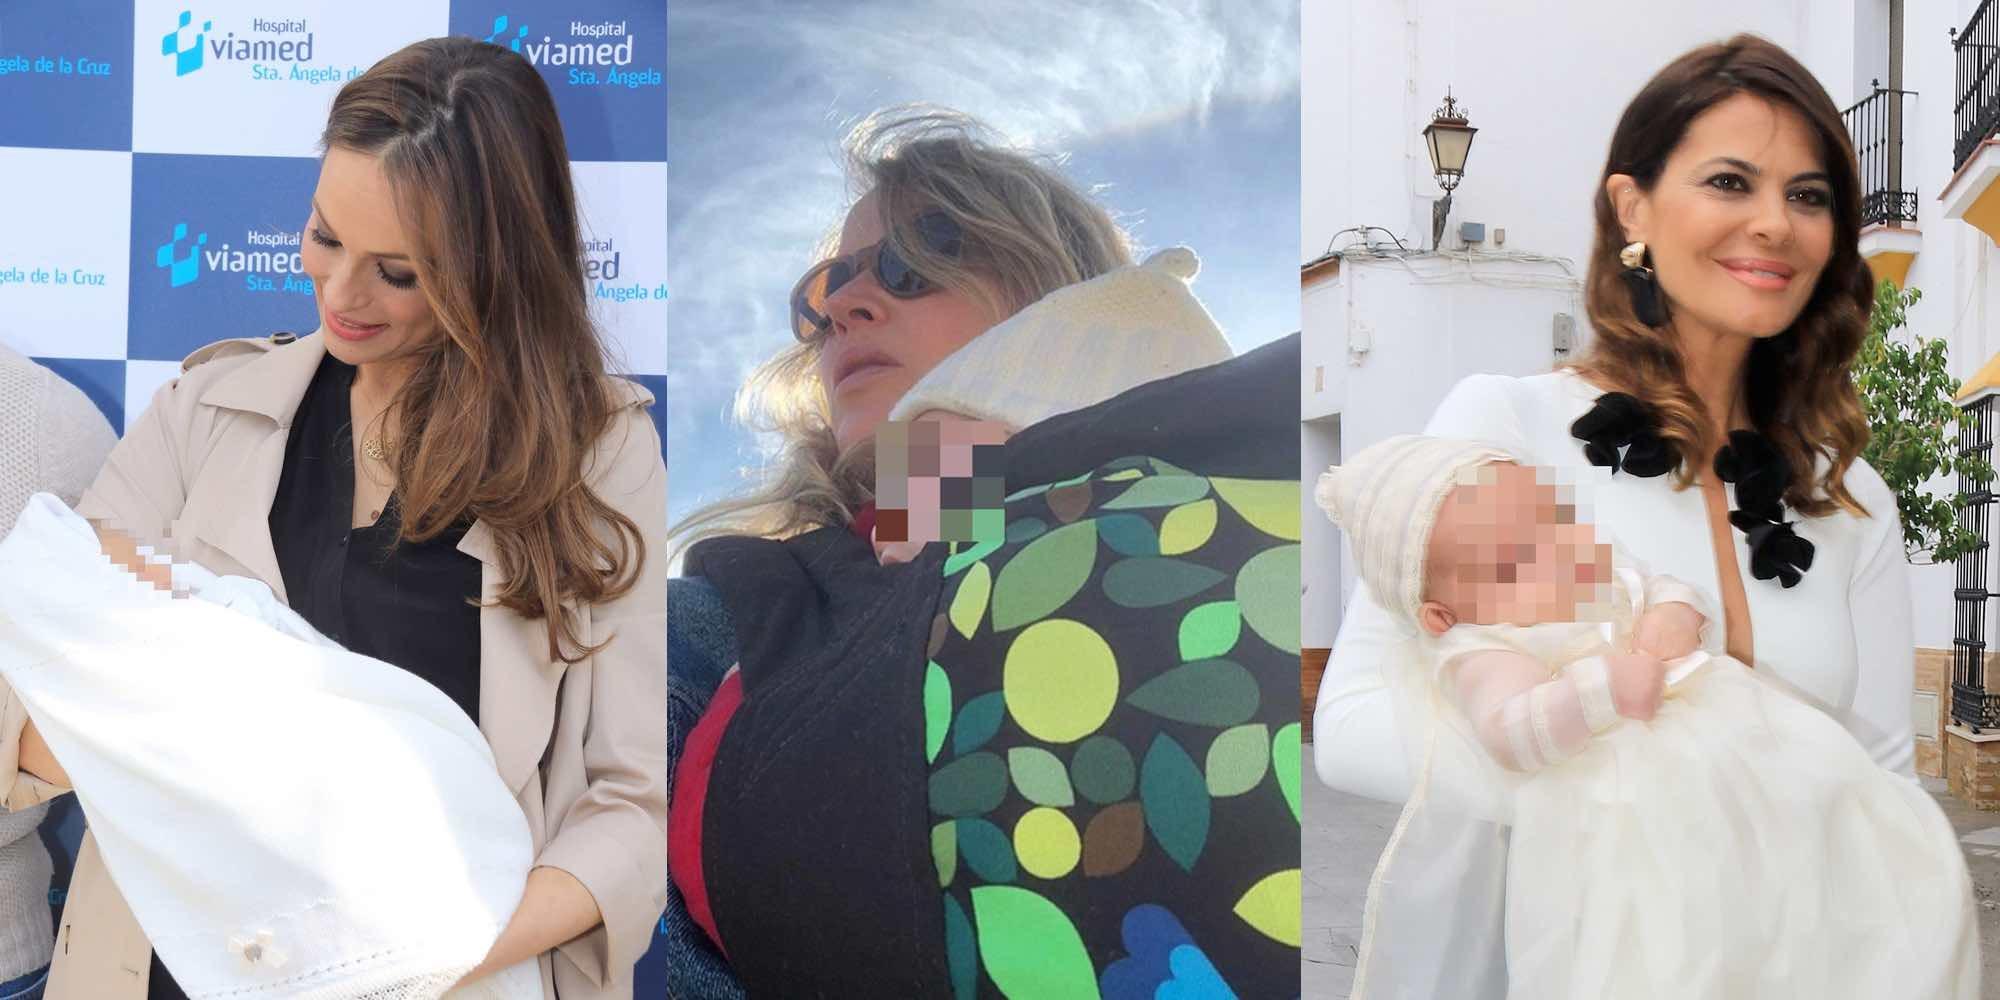 Eva González, Marta Larralde, Ariadne Artiles y Aurah Ruiz celebran su primer Día de la Madre